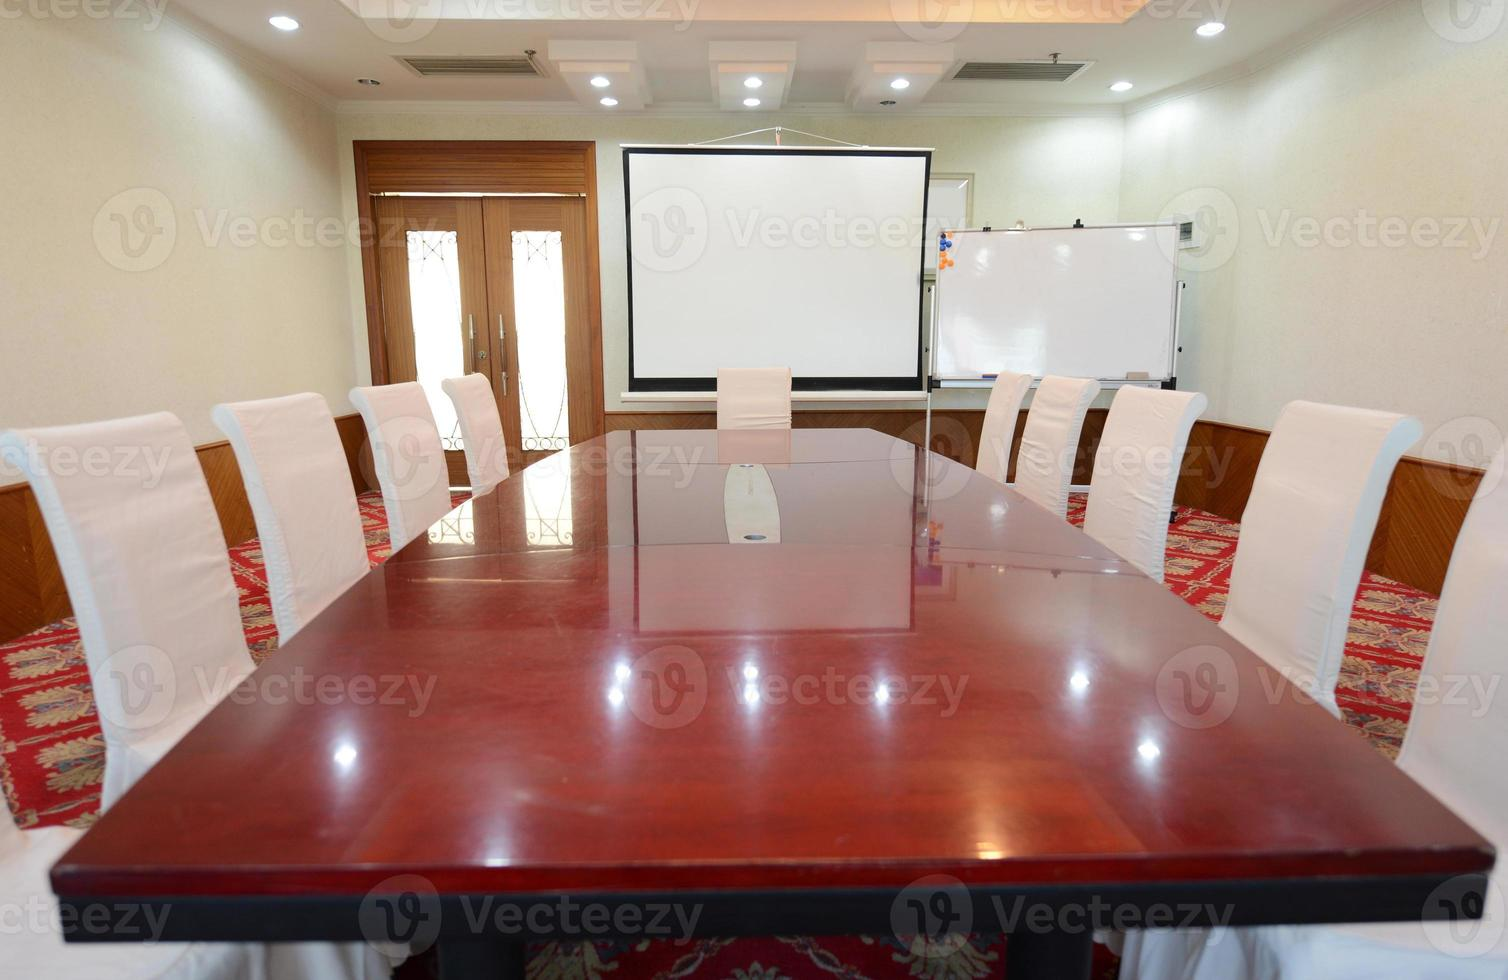 sala de reuniões foto